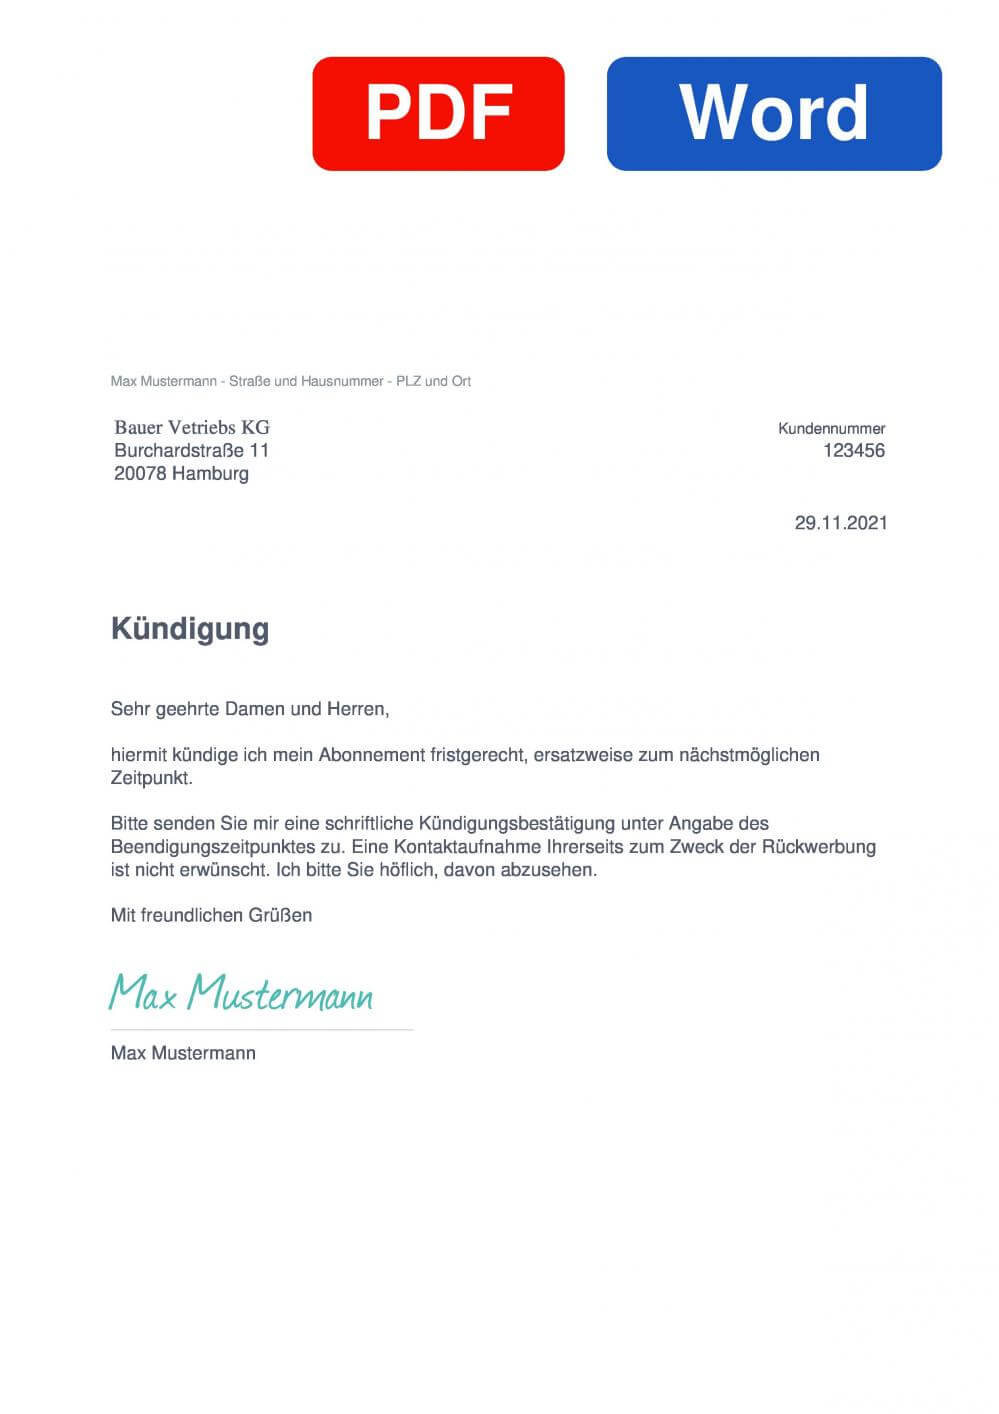 Bauer Verlag Muster Vorlage für Kündigungsschreiben